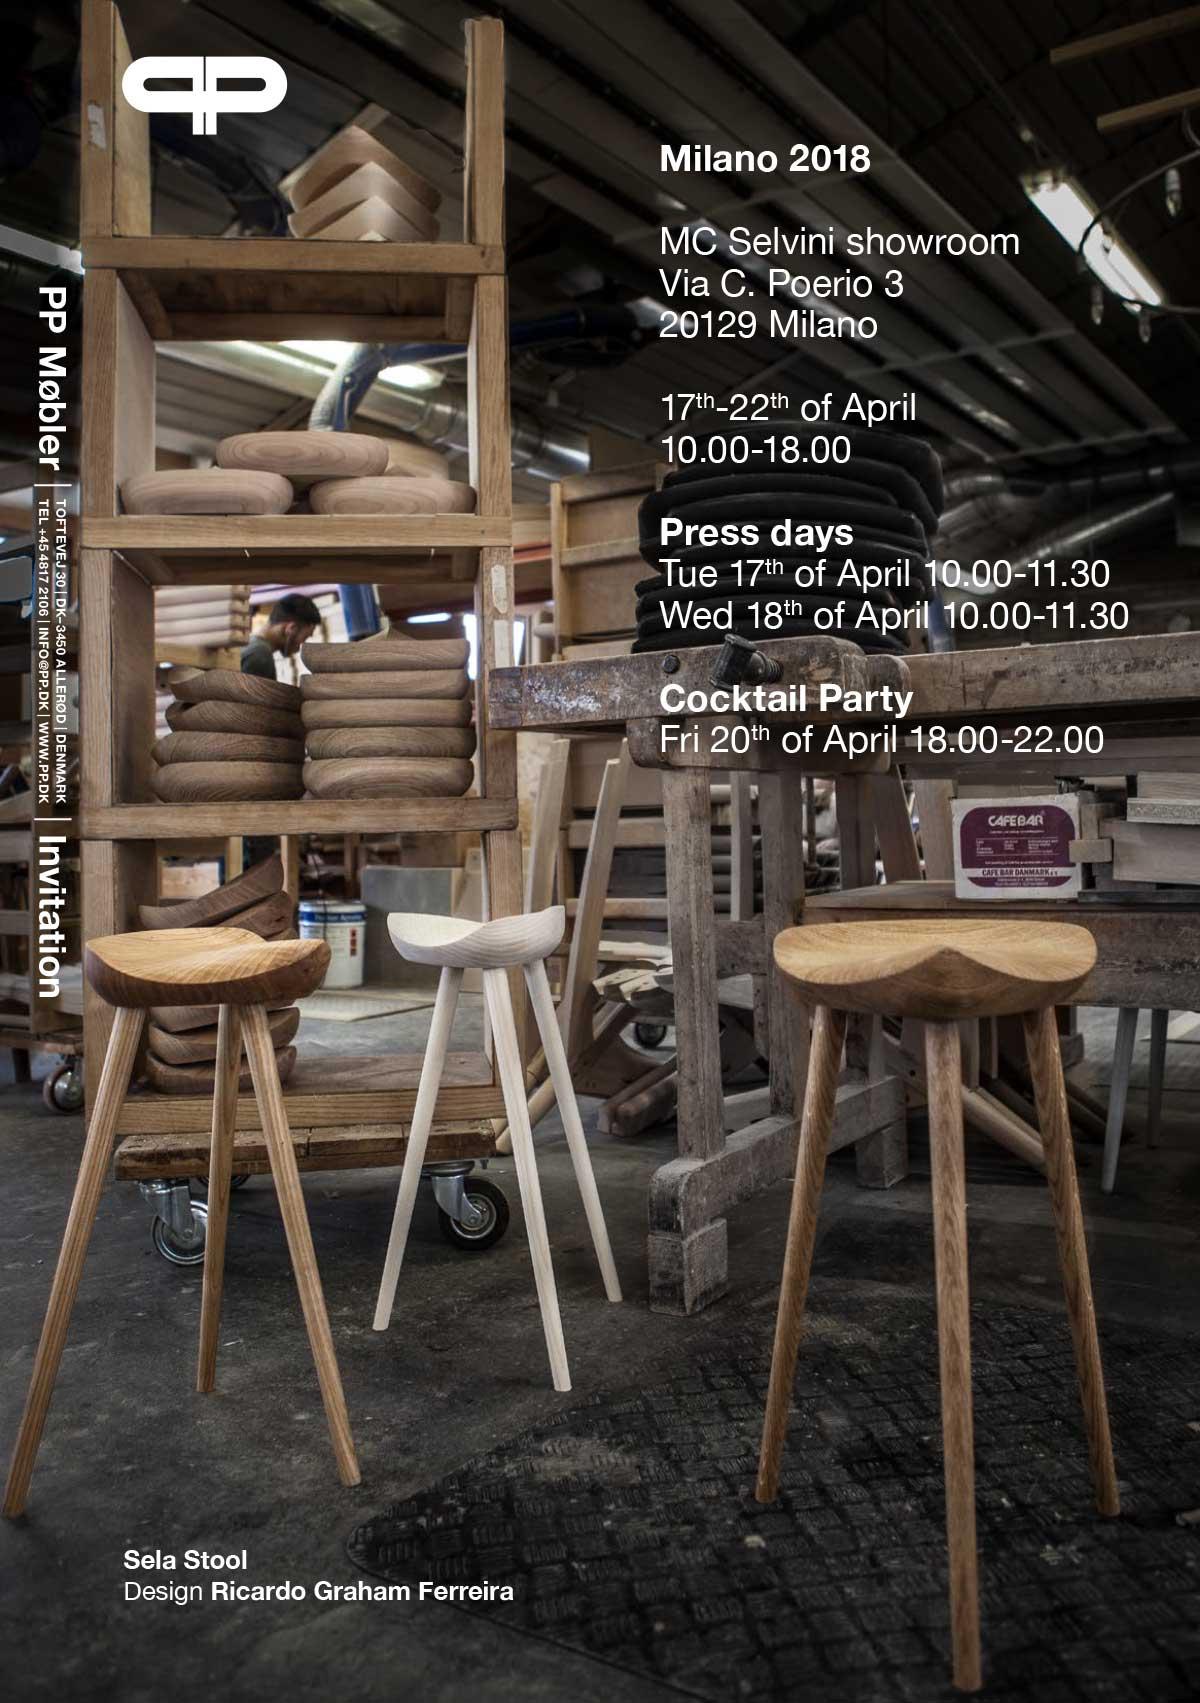 PP møbler in Milano